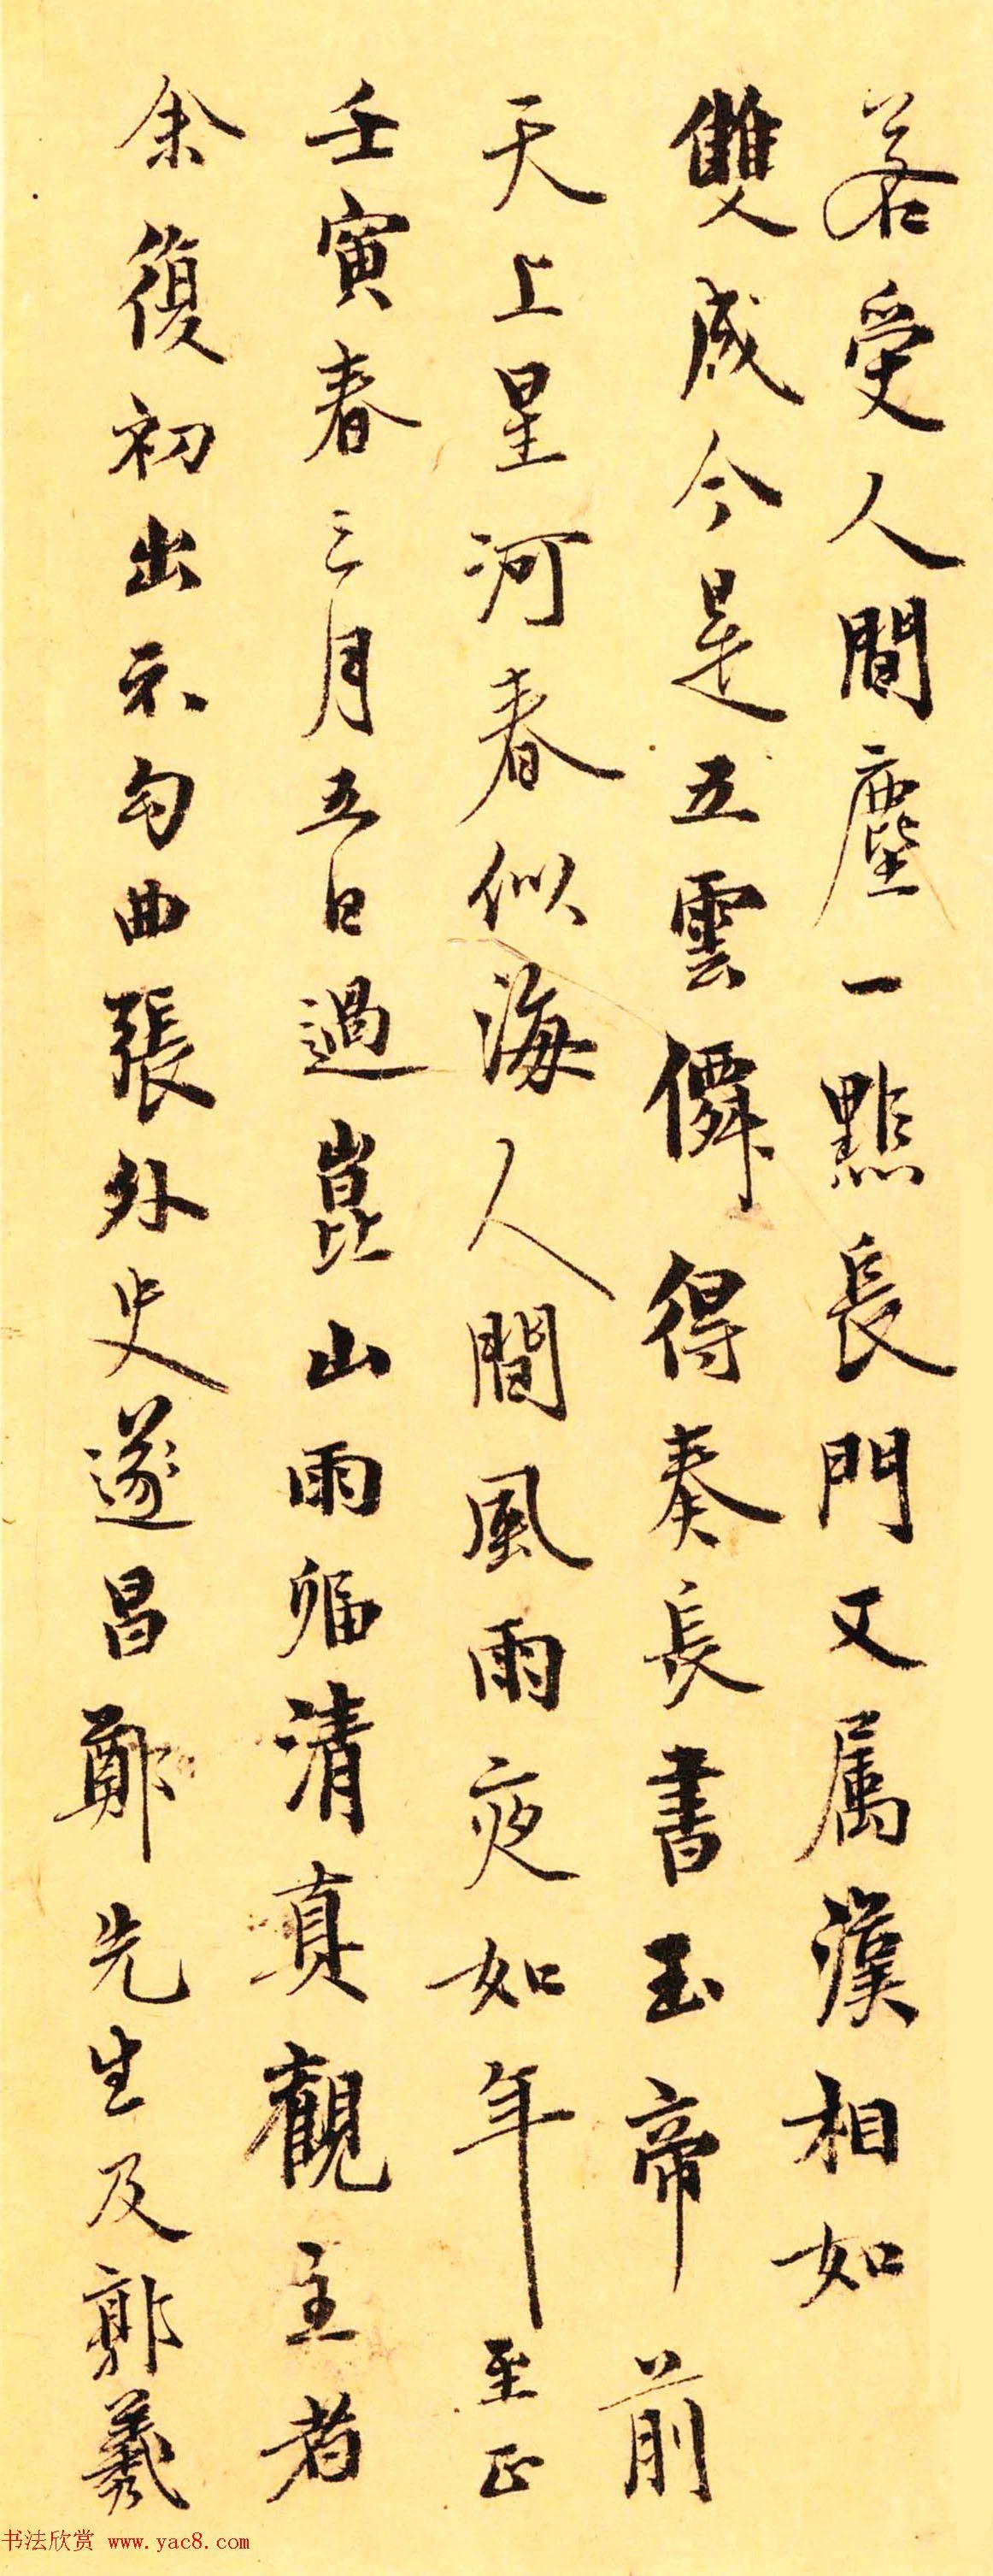 王逢传世书迹《游仙唱和诗册》